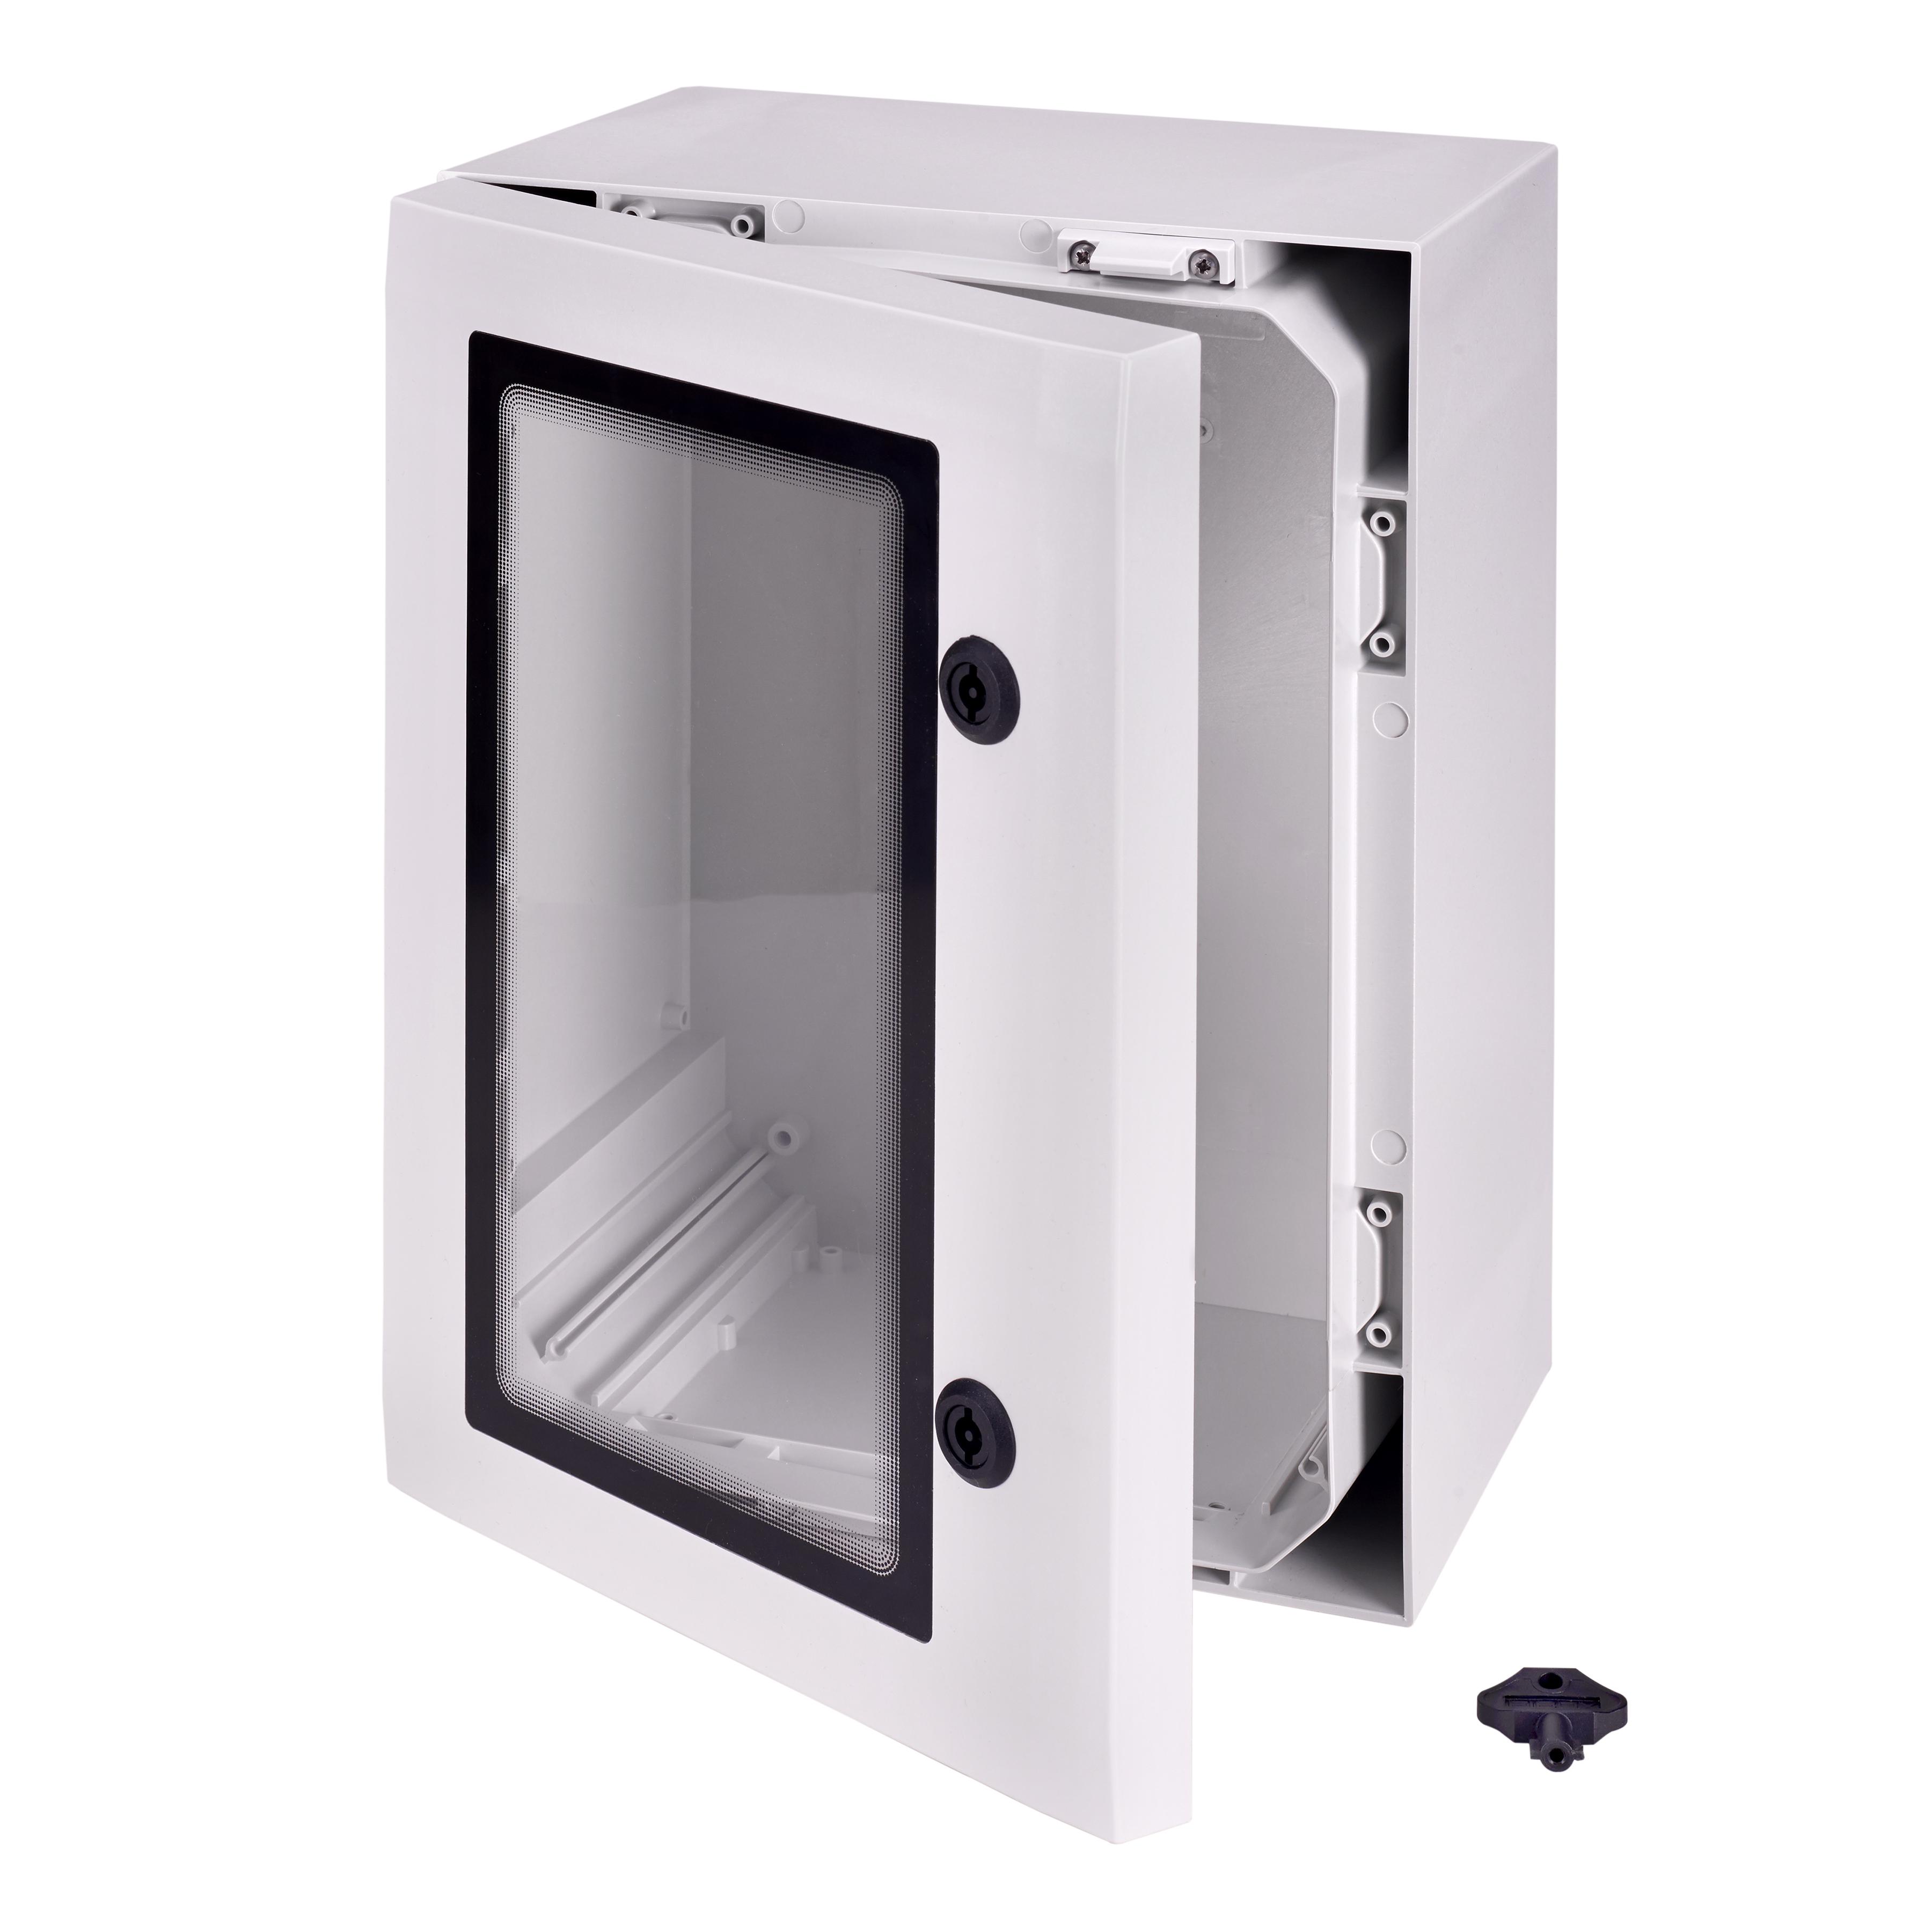 lockable wall mounted enclosure